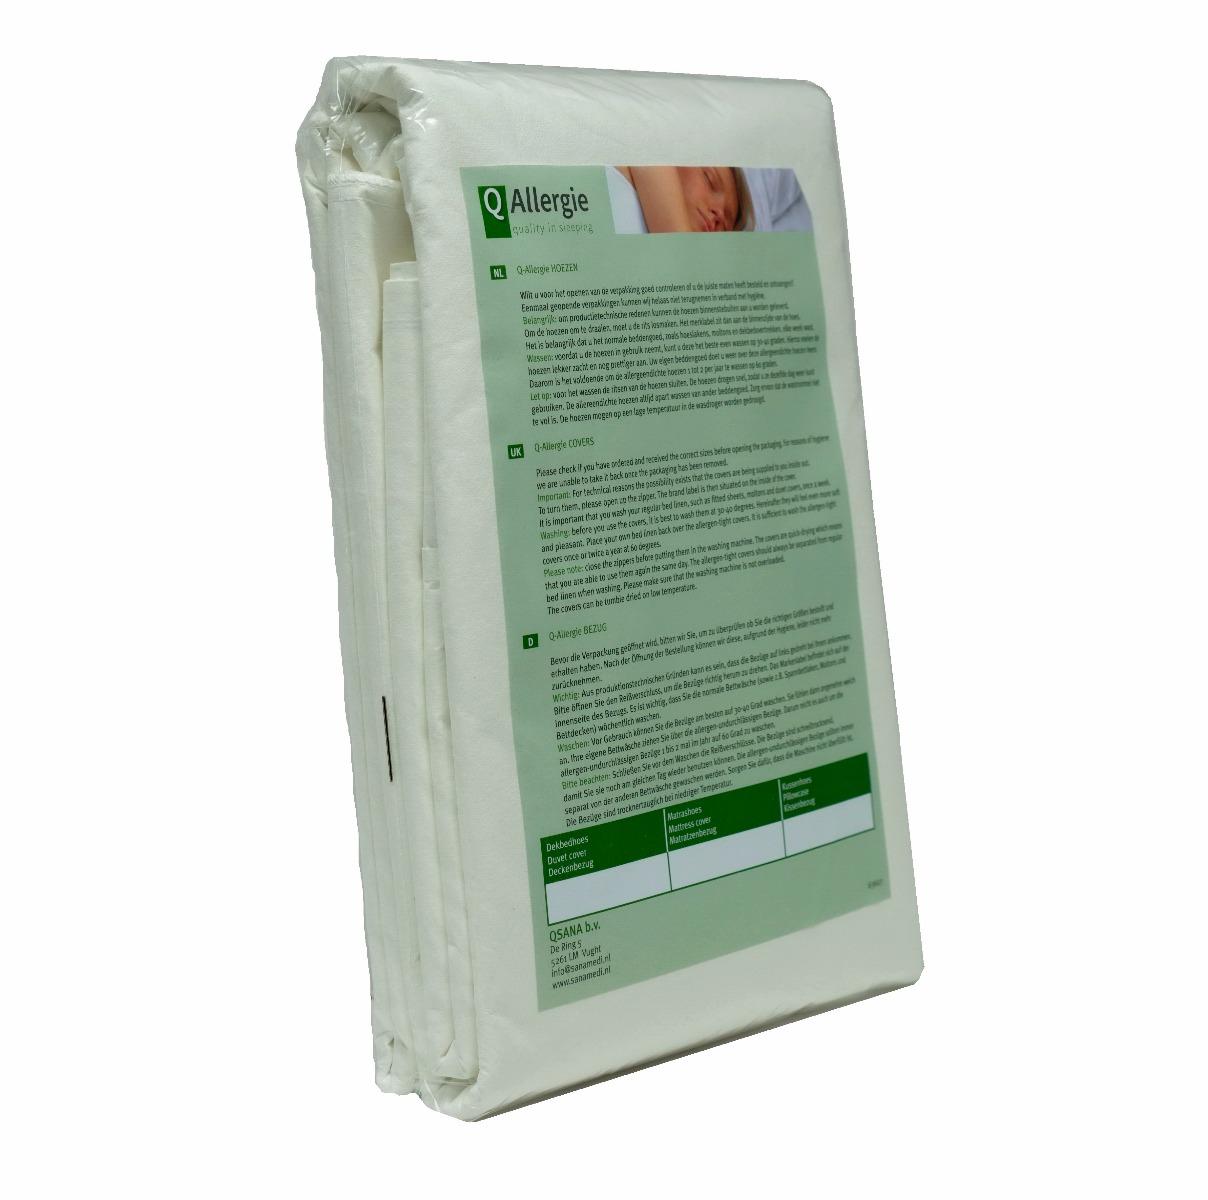 Dekbedhoes Q-Allergie 2-Persoons 200 x 220 cm   Anti allergie dekbedhoes